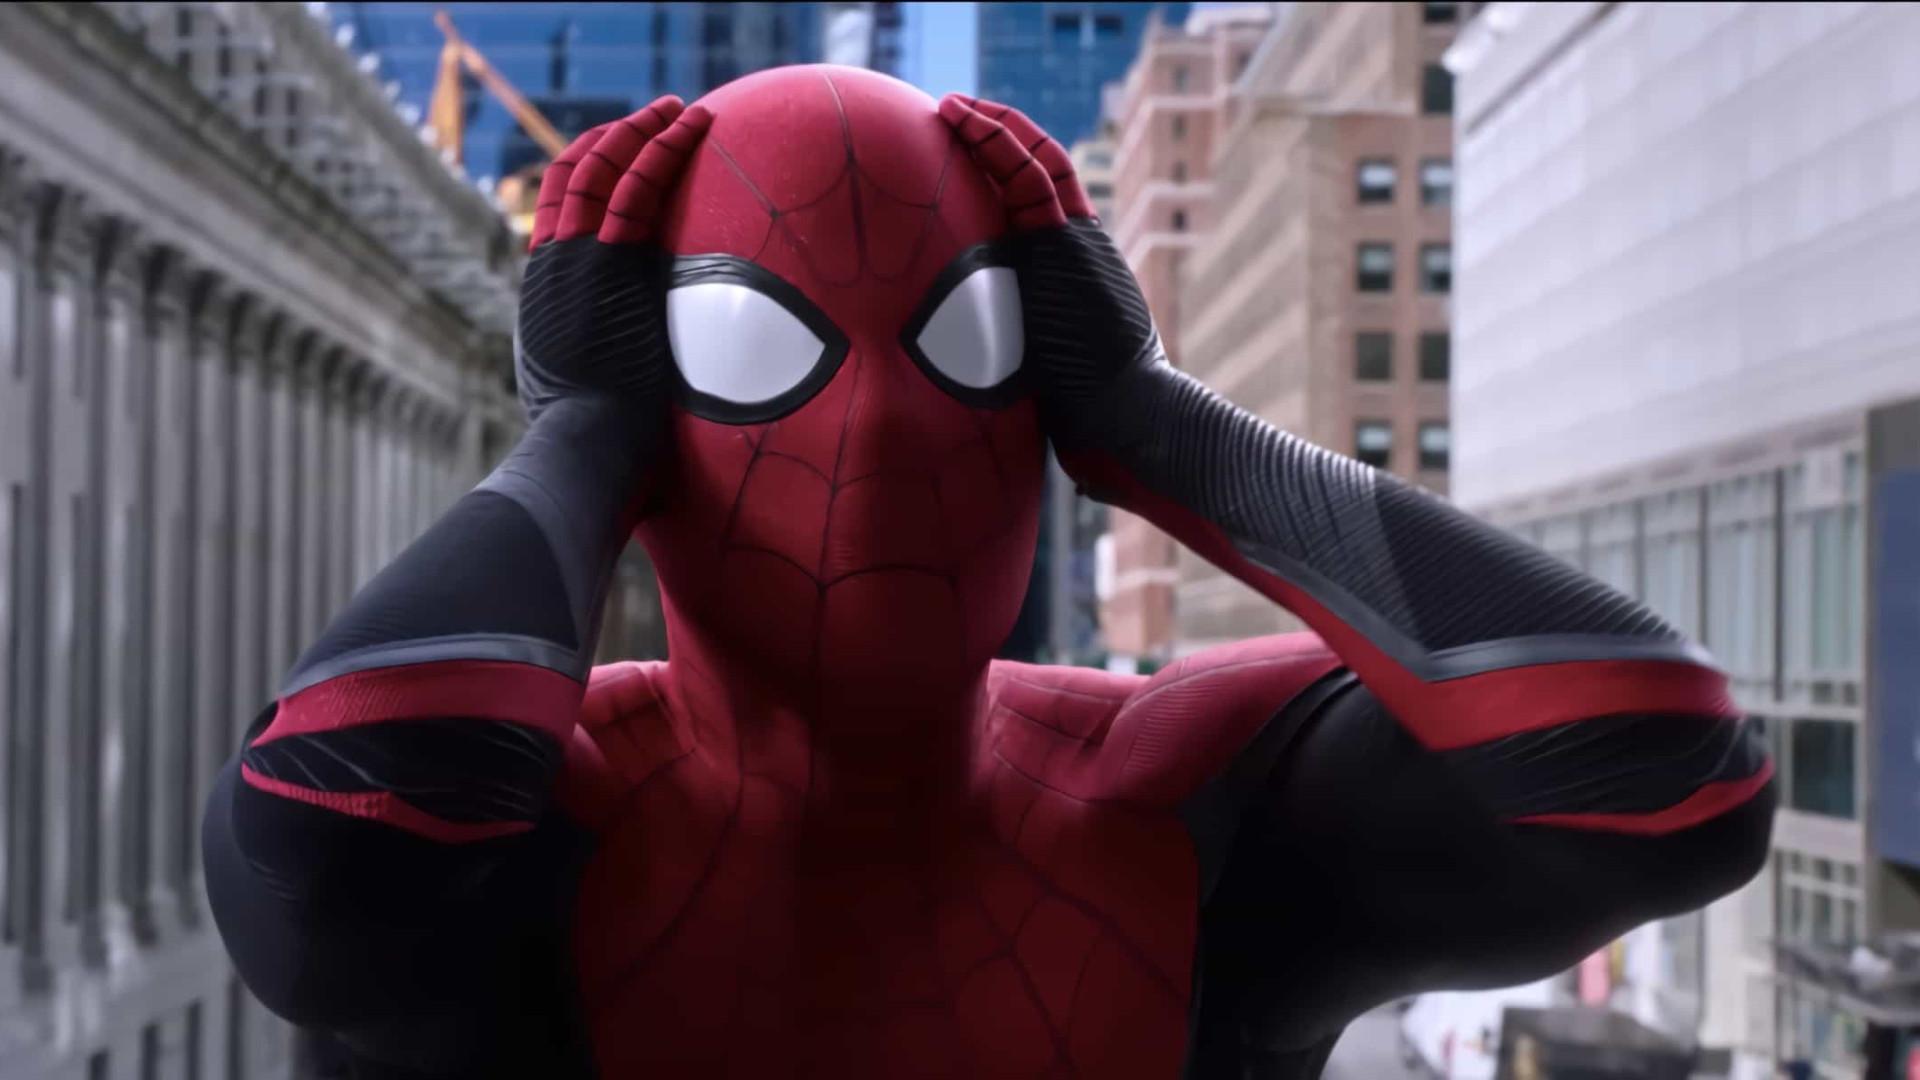 Super-heróis: Marvel quer impedir que sejam reclamados direitos de autor